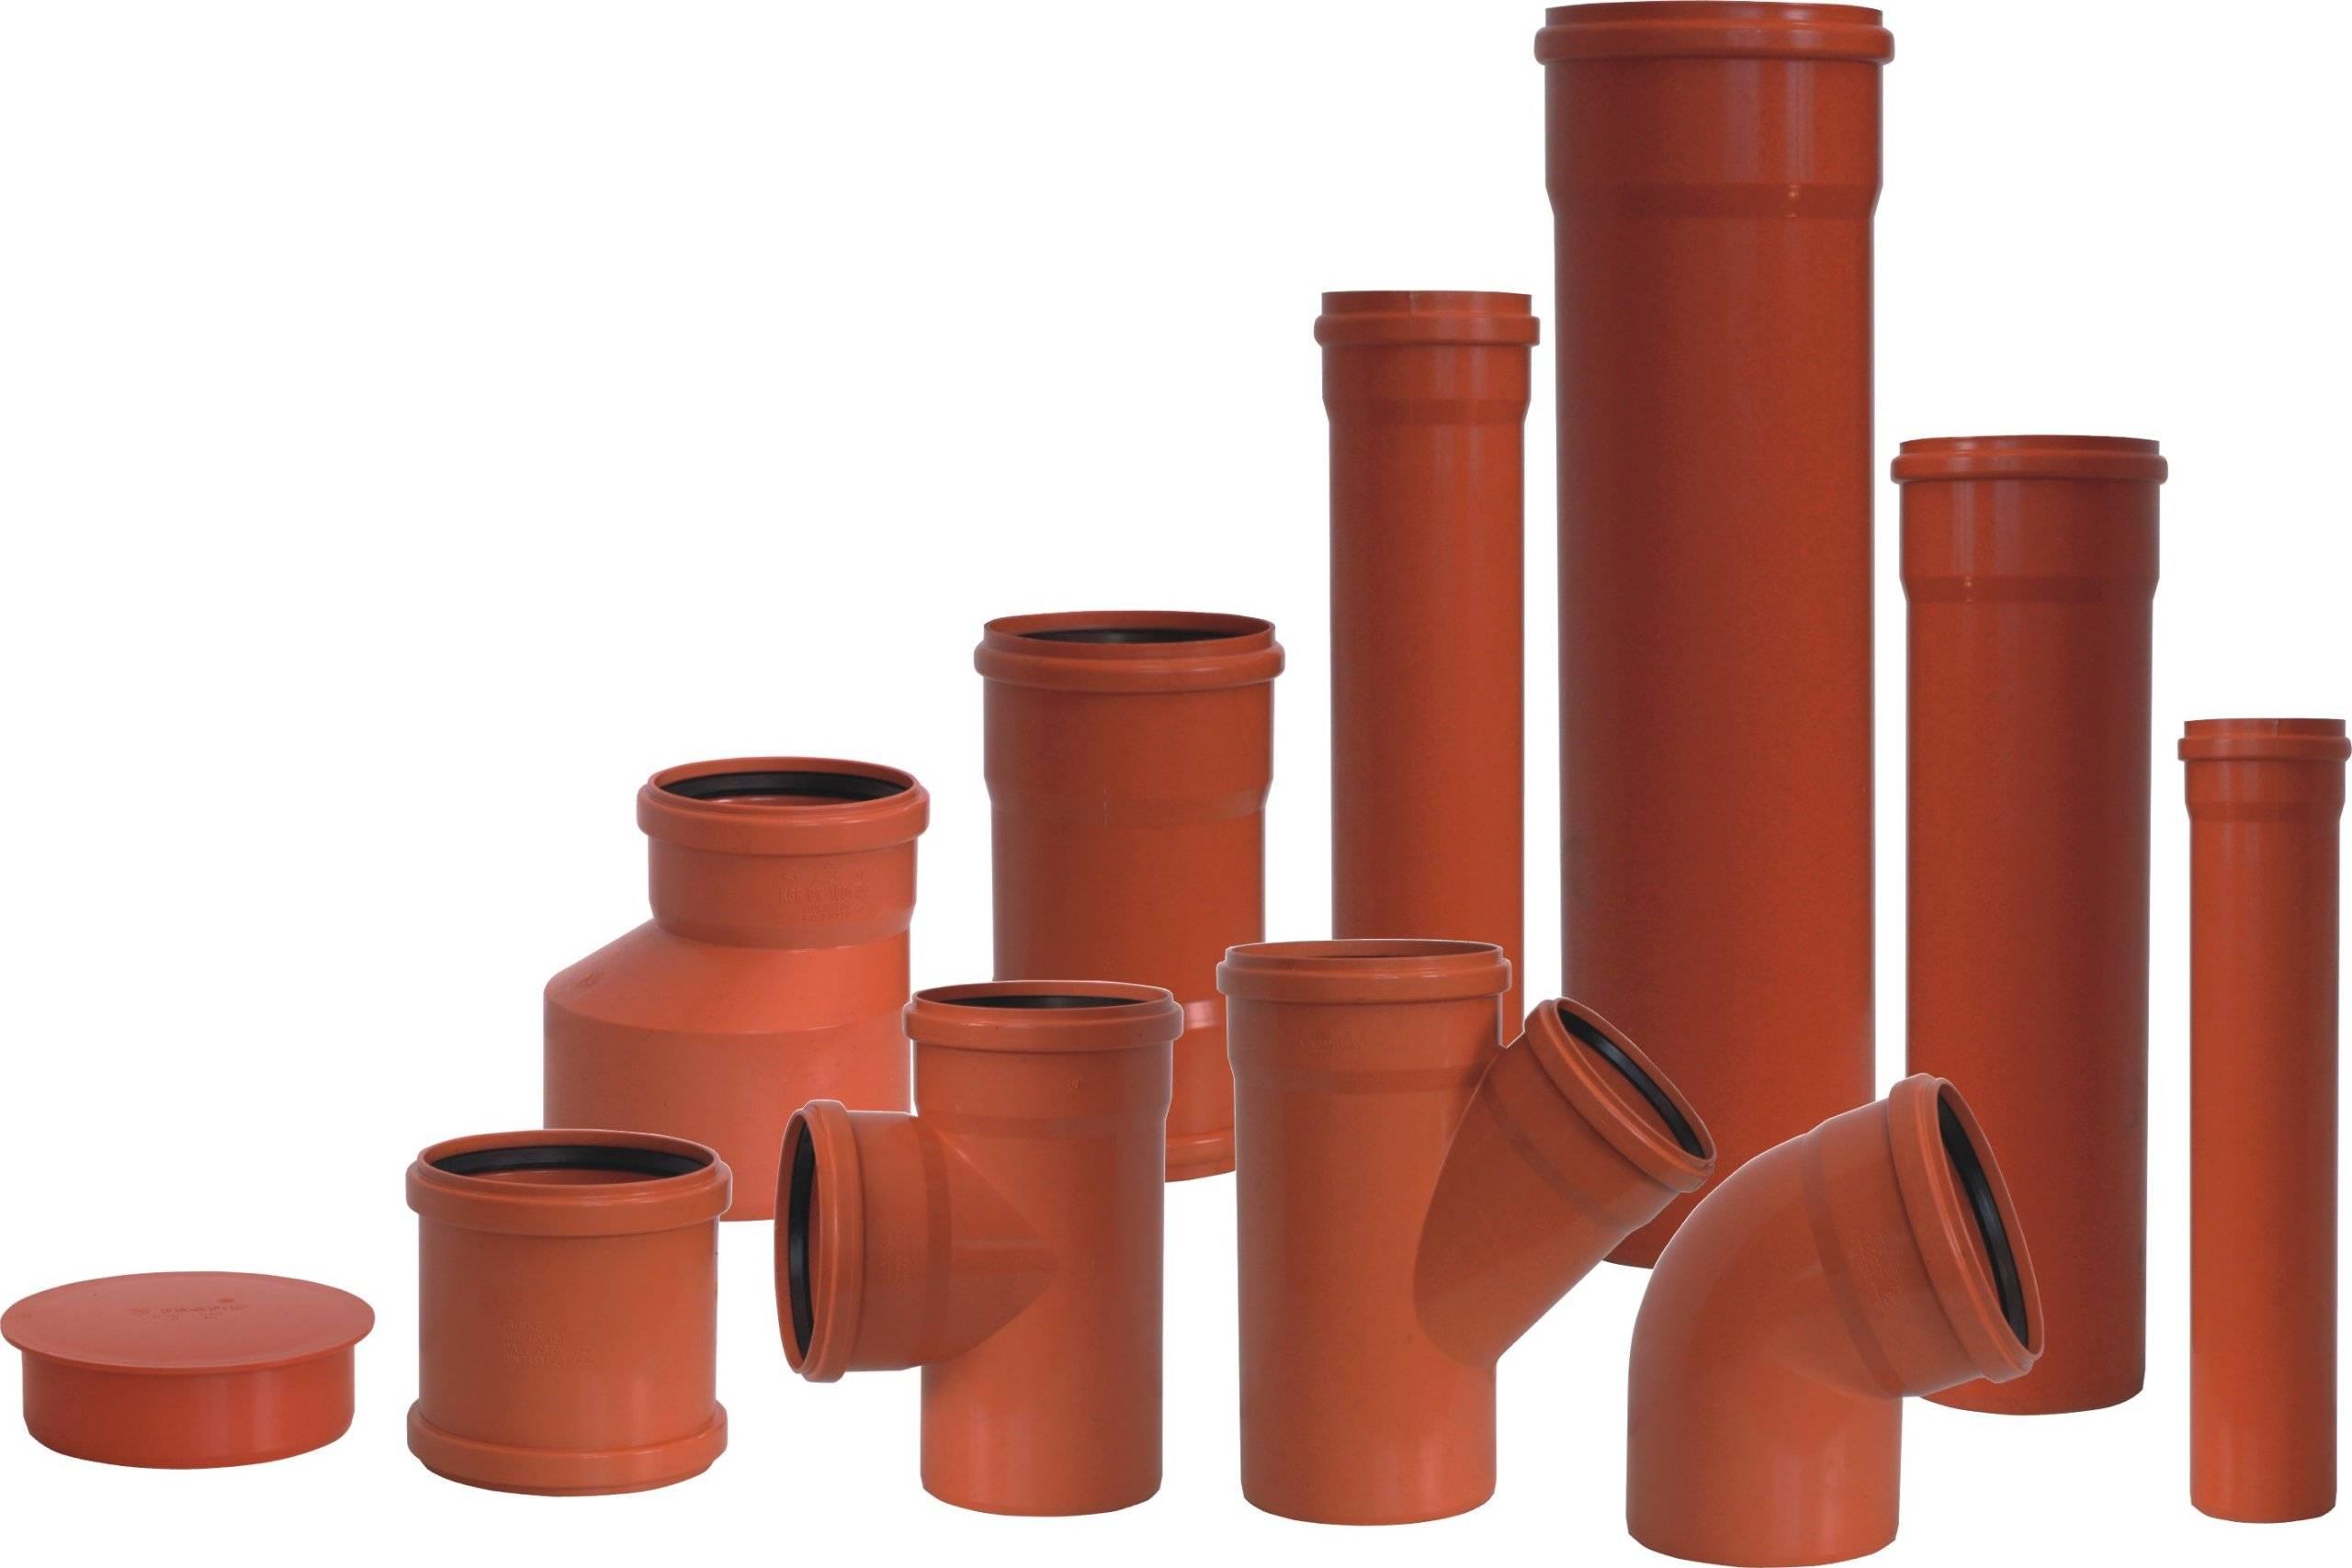 Труба канализационная пластиковая 110 мм: размеры и диаметры